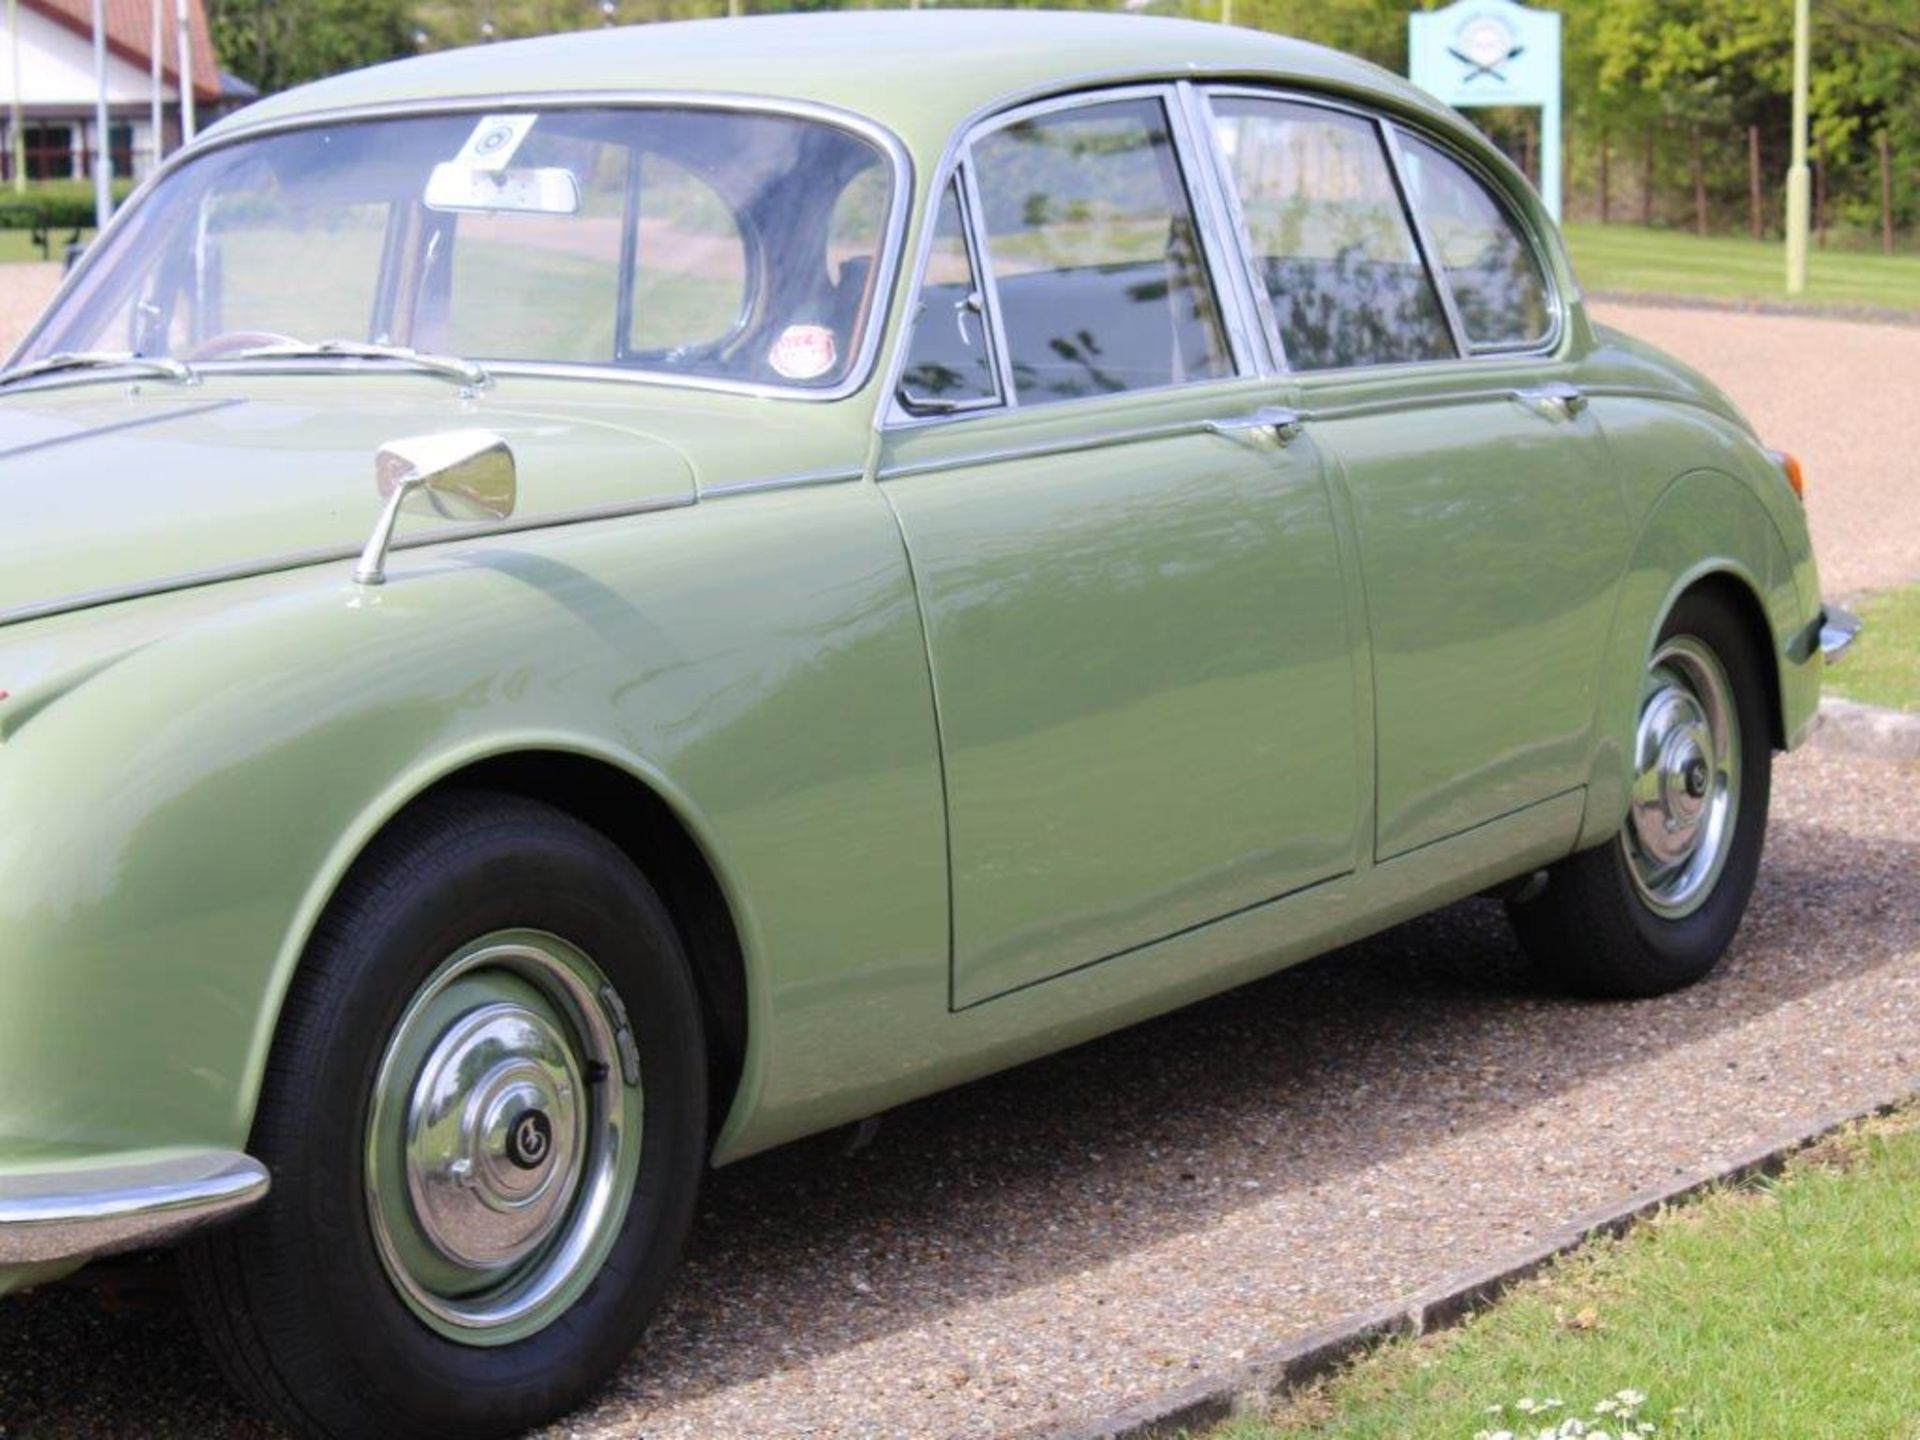 1968 Daimler V8 250 Auto - Image 5 of 30